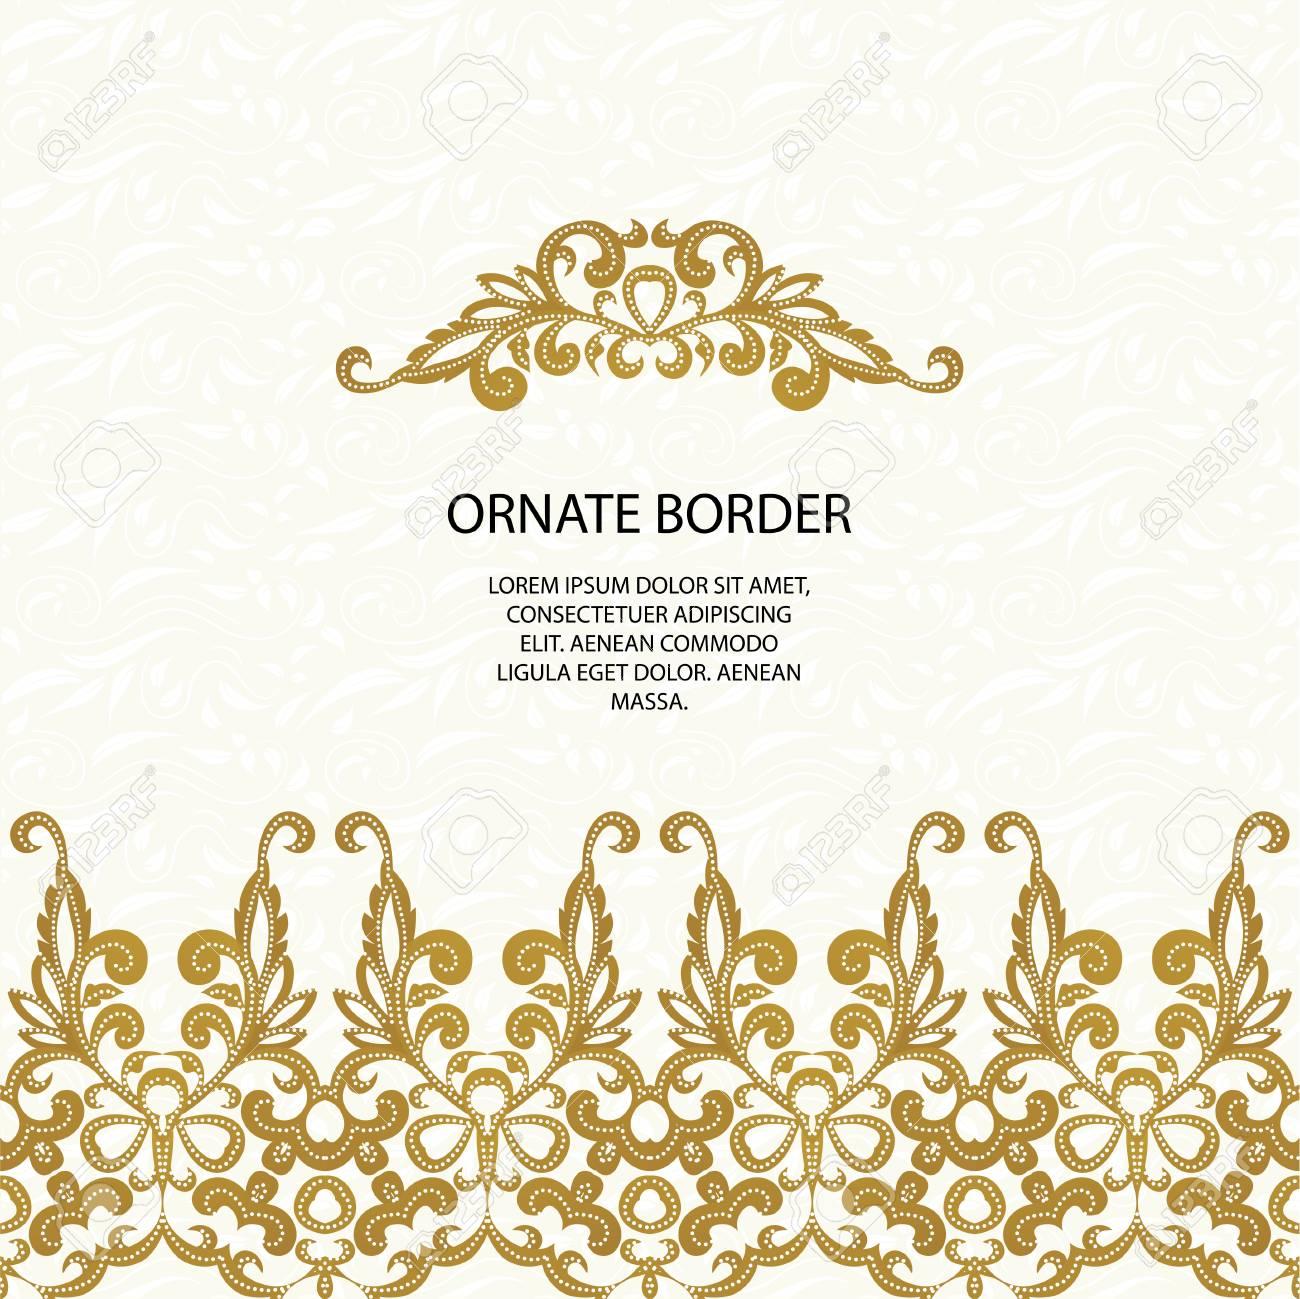 Bordes Decorativos Y Sin Fisuras Patrón Clásico La Página De Diseño Gráfico Invitación De Boda Plantilla Para Tarjetas De Felicitación